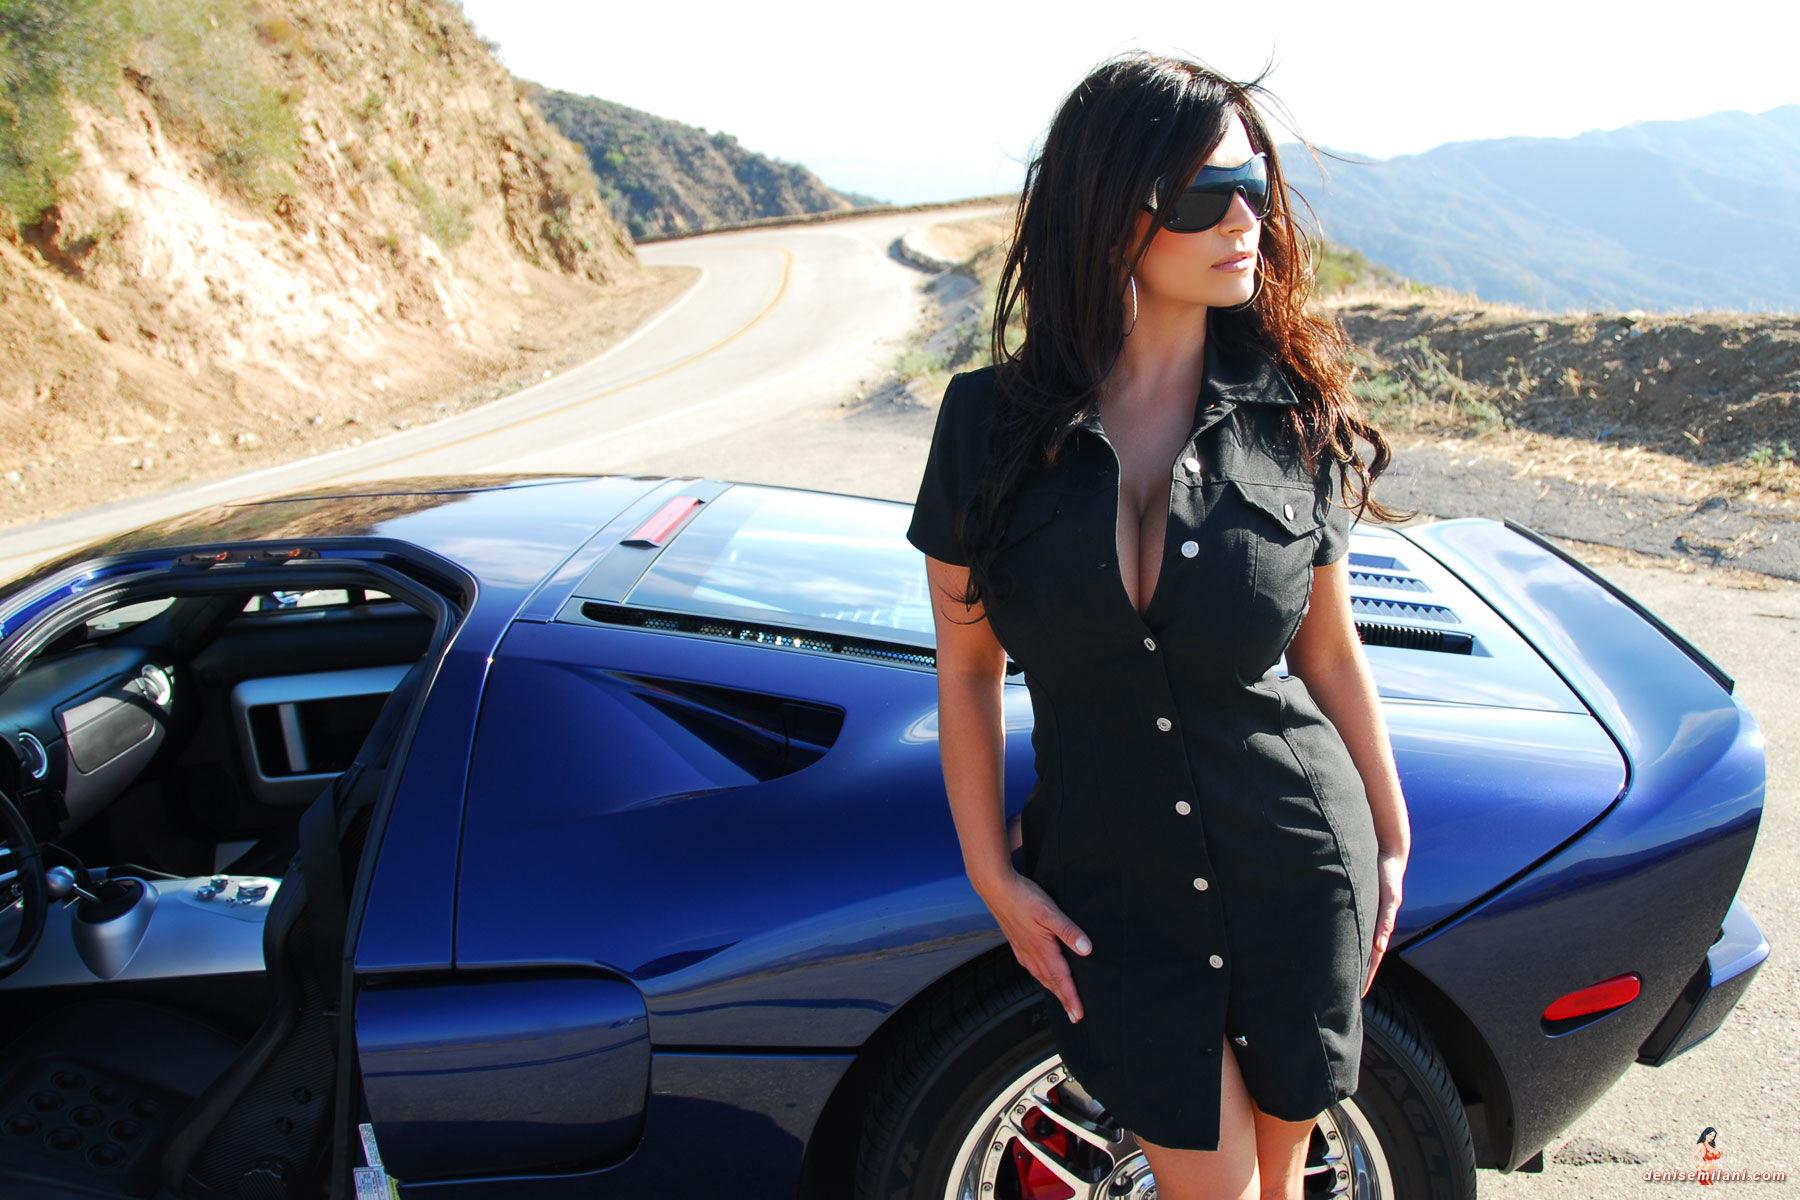 [网络美女]丹尼斯・米兰妮(Denise Milani)超高清写真大图片(44P)|645热度